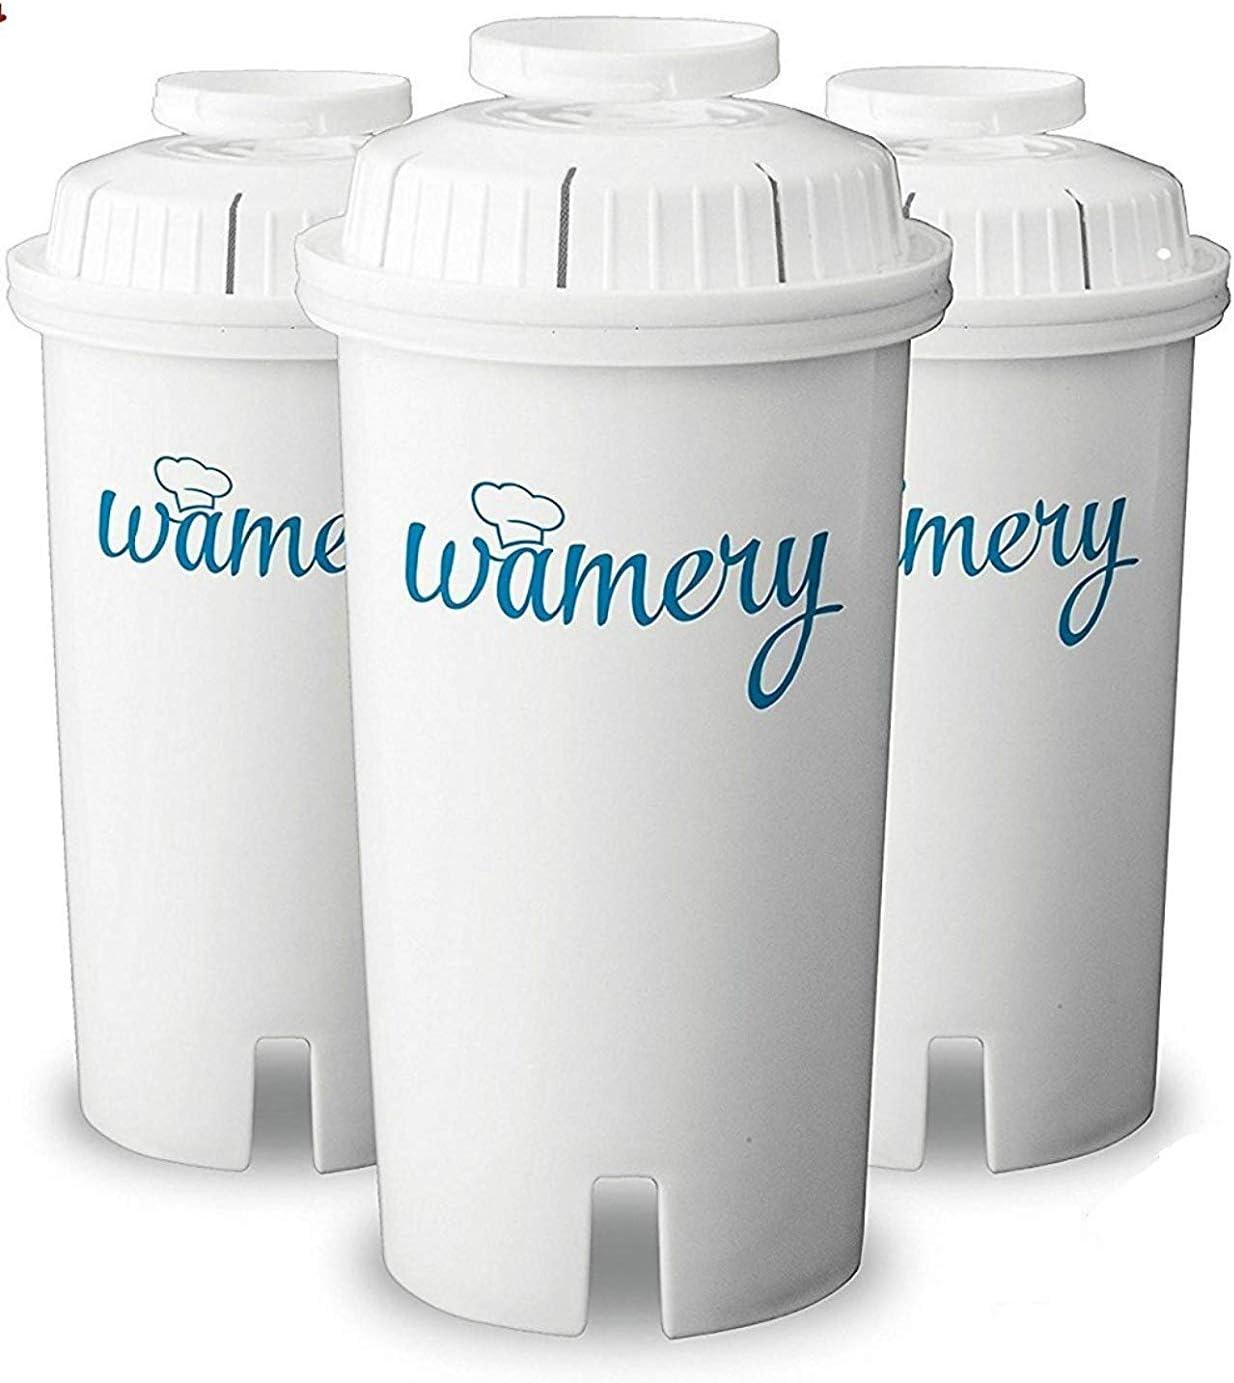 Wamery Filtros para Jarra Filtradora de Agua, 3-Pack Compatible ...